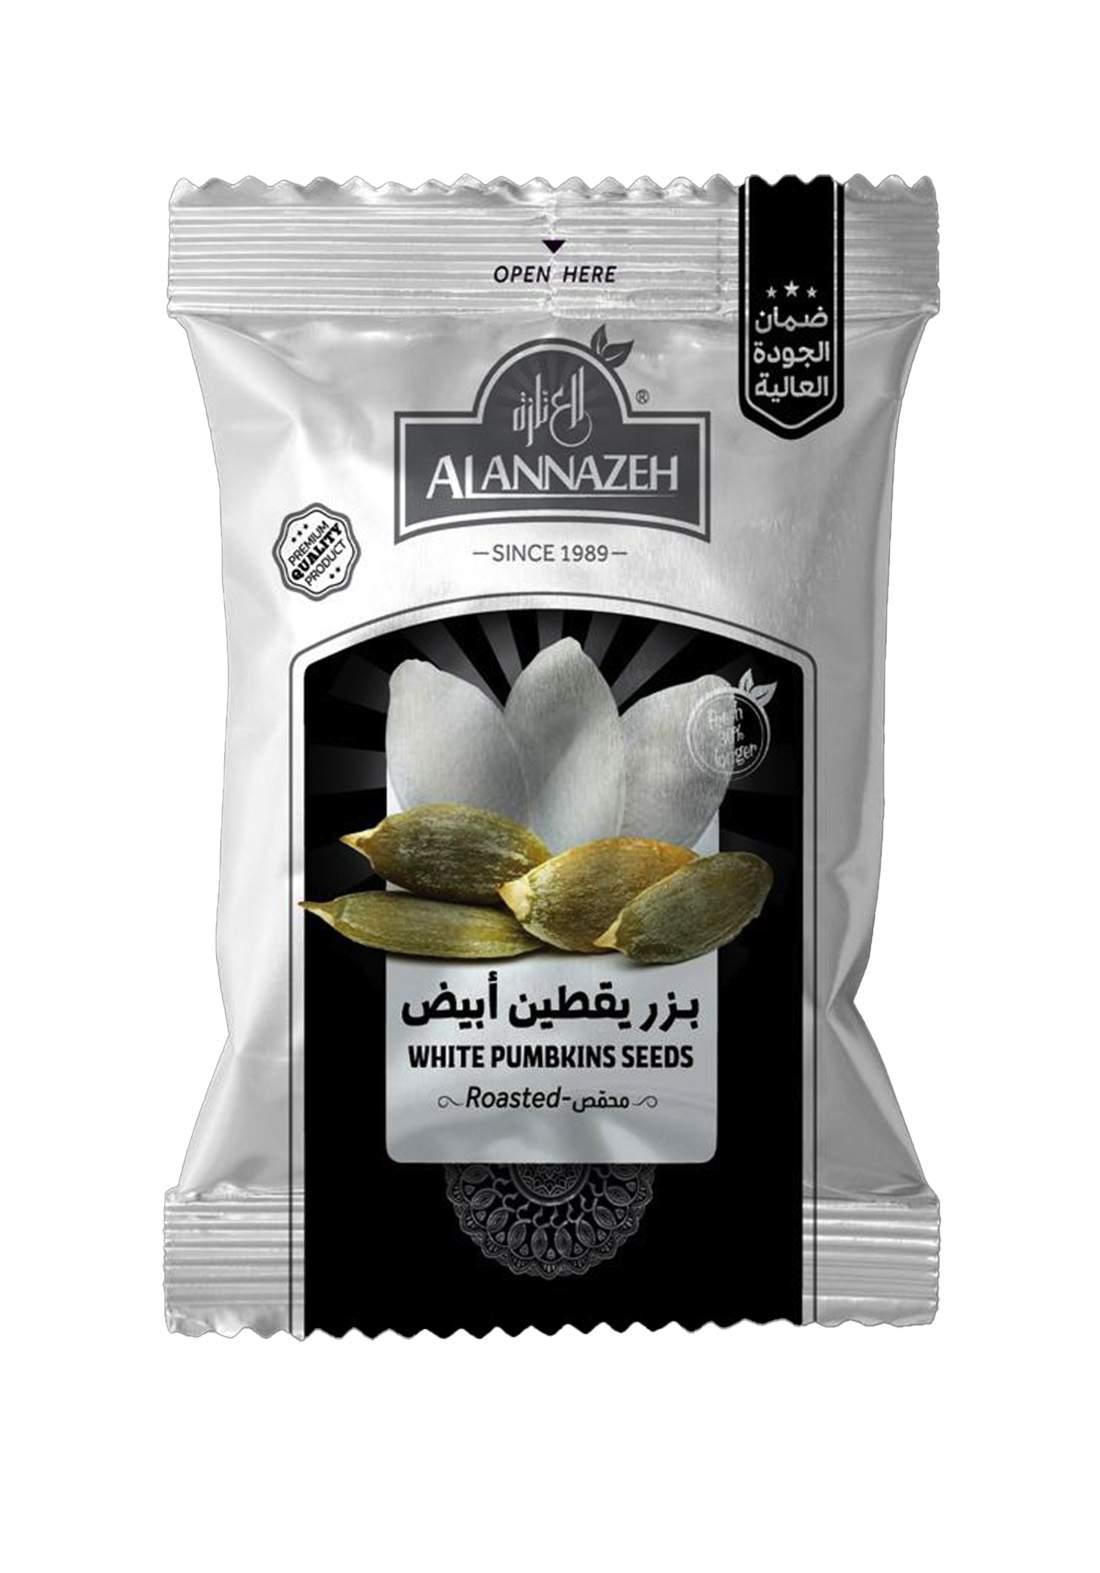 Al-Annazeh White Pumpkin Seeds Nuts 90g بزر يقطين ابيض